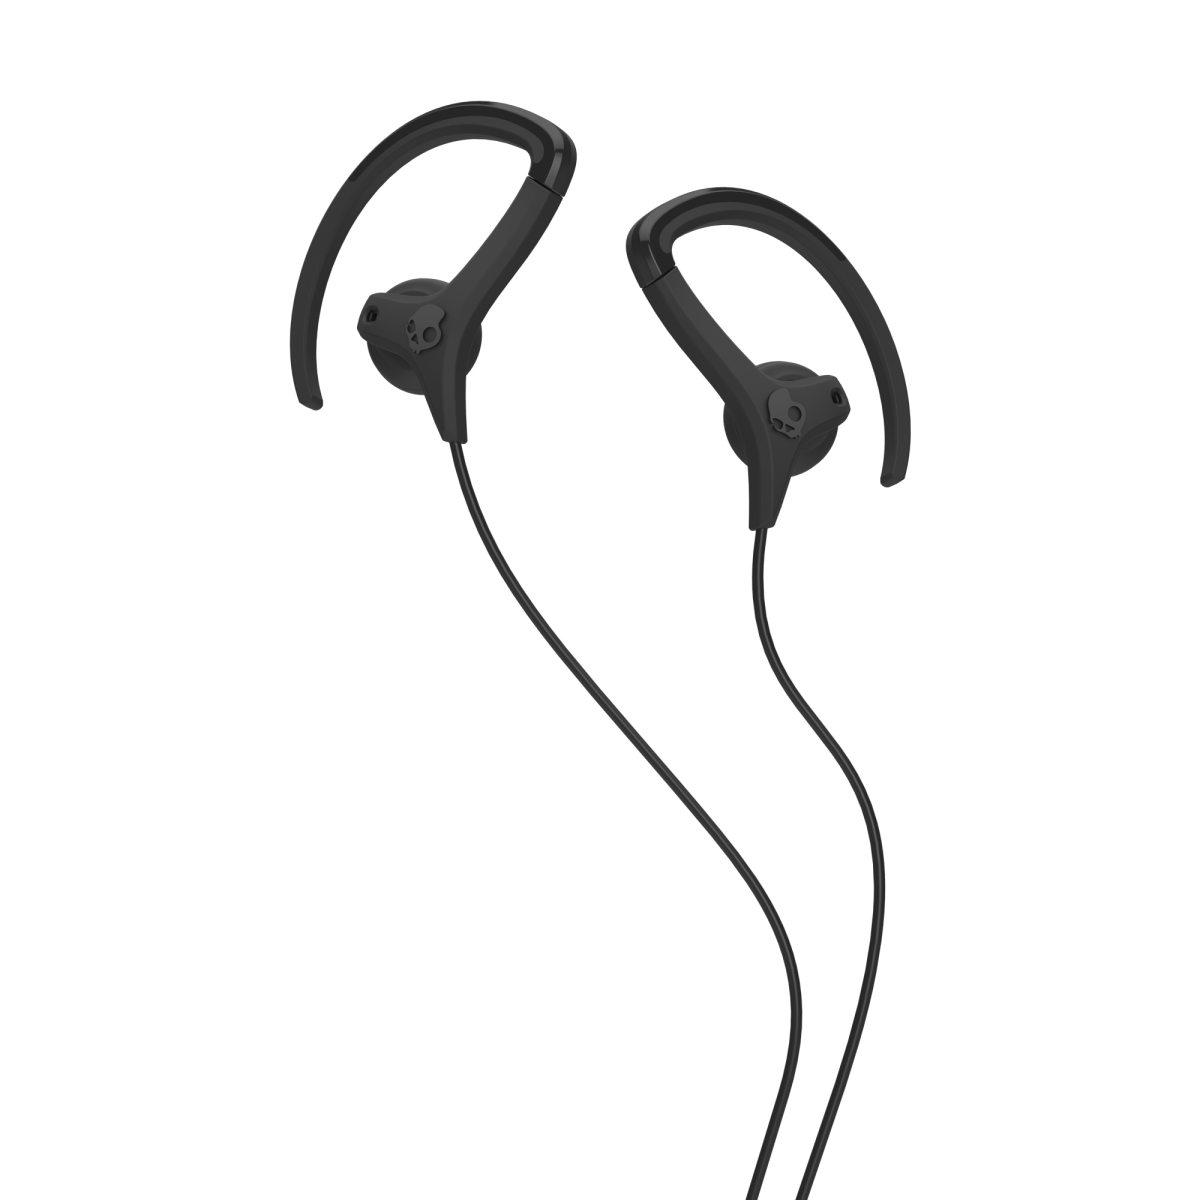 skullcandy headphone in ear clip scull c chopsbud black hörlurar 1f3074676edfb